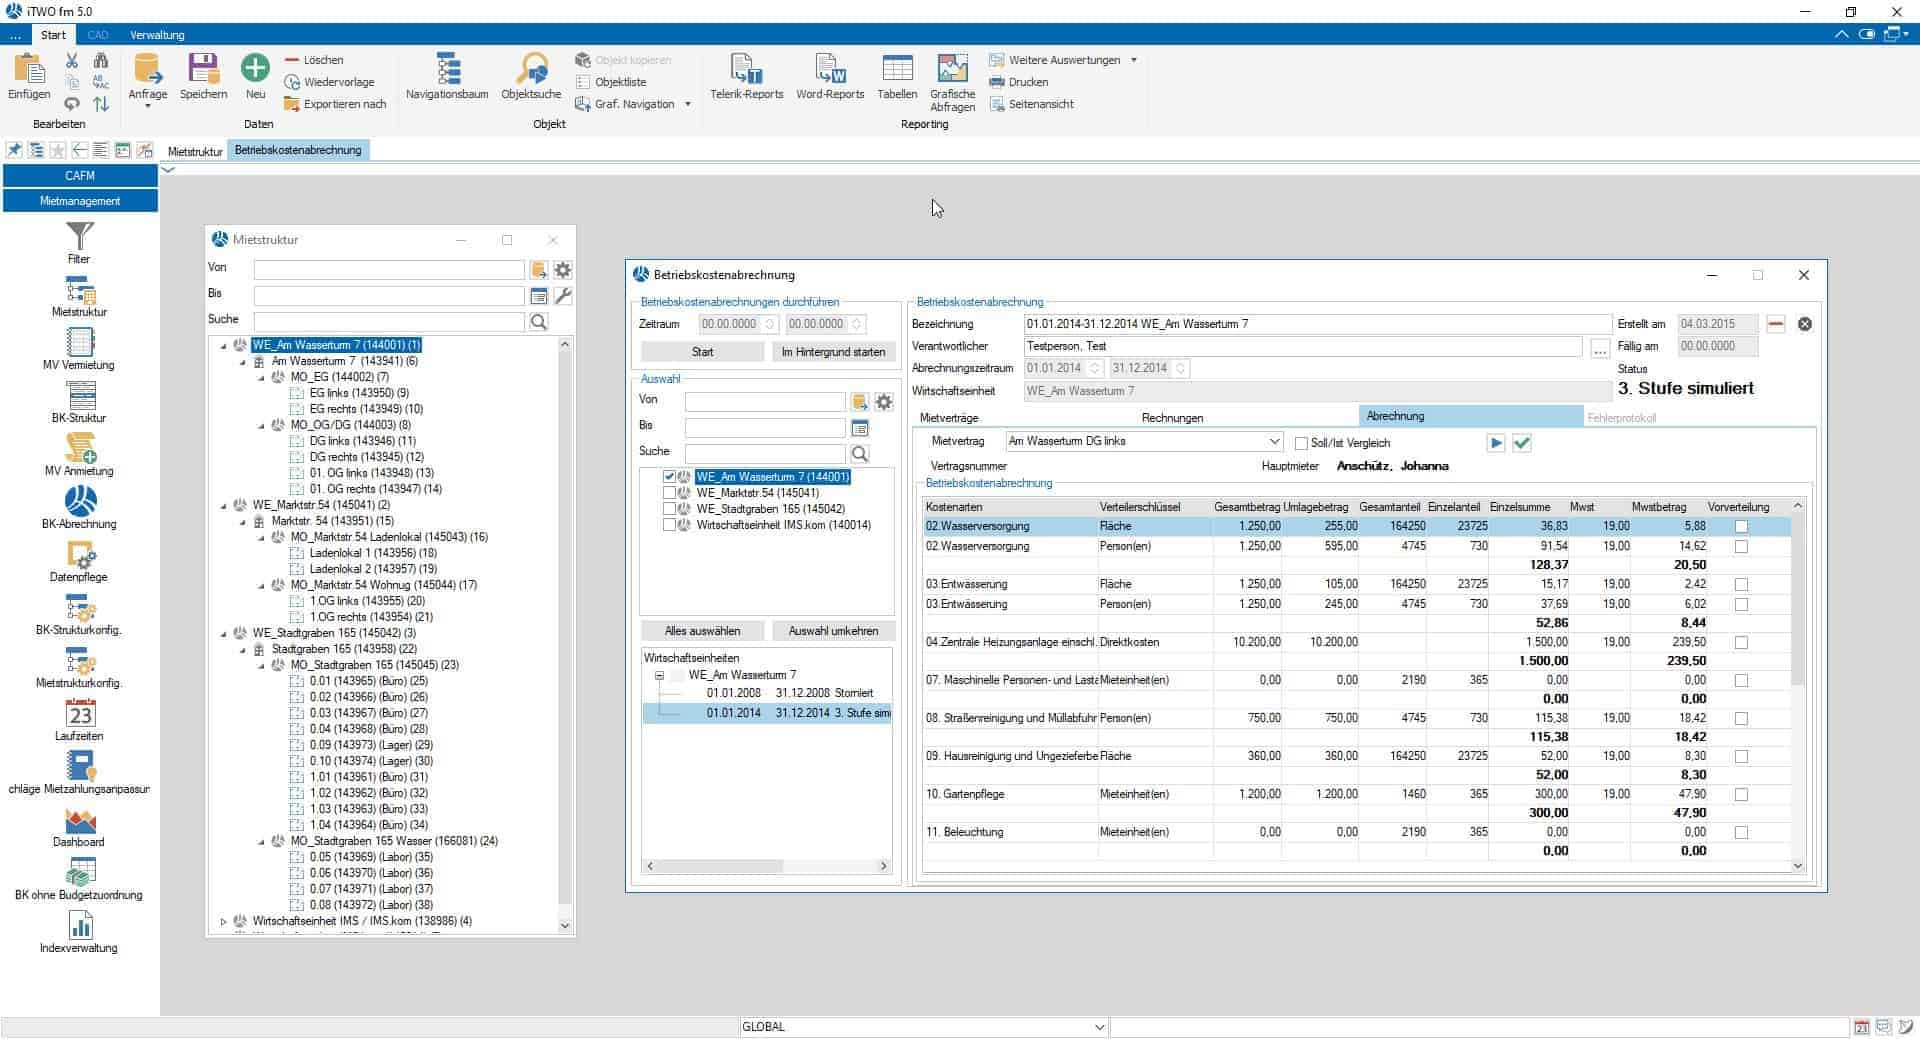 Mietmanagement Betriebskostenstruktur-Betriebskostenabrechnung